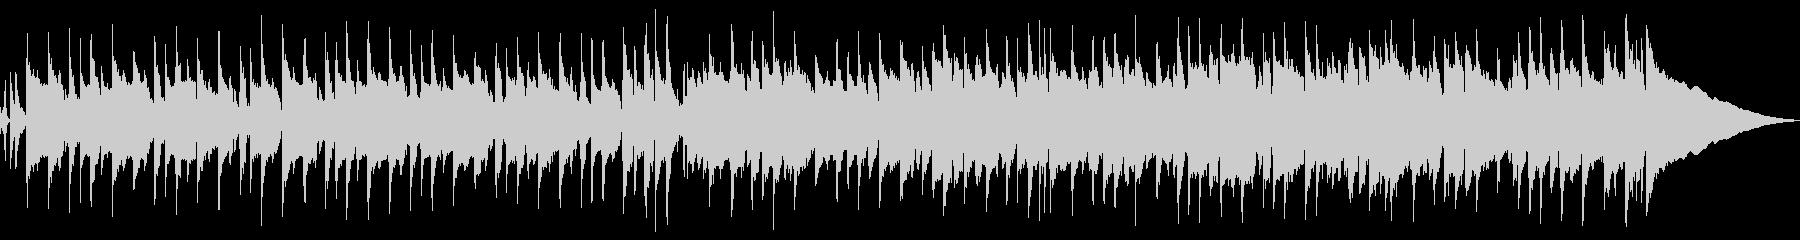 ストリングメロが印象的なポップジングルの未再生の波形